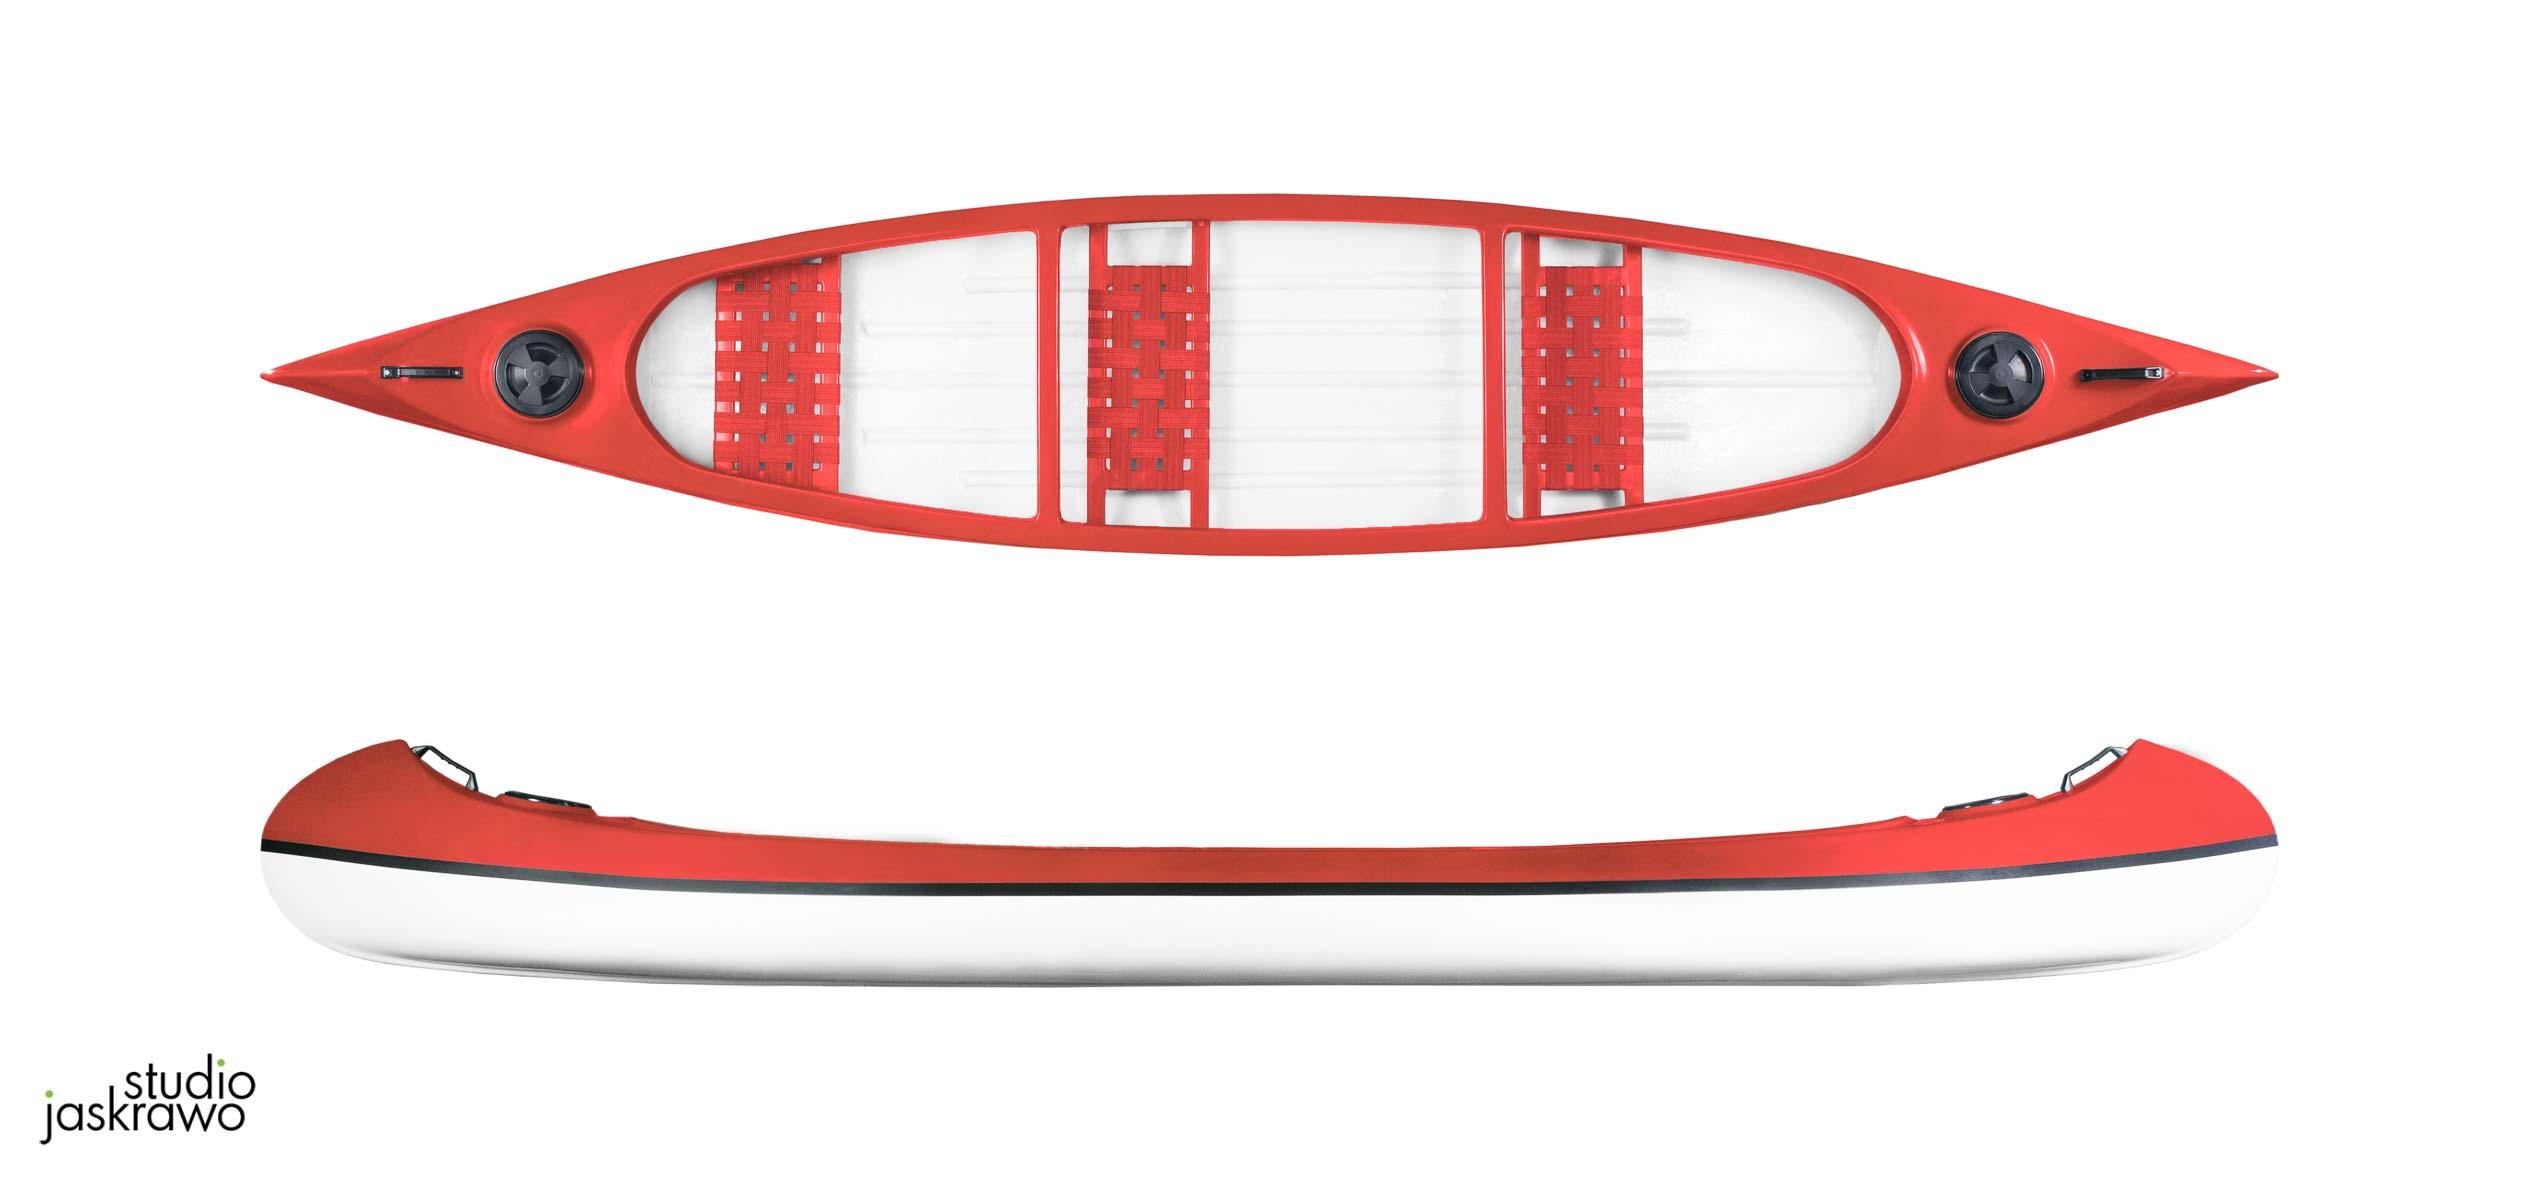 czerwony kajak widziany z boku i widziany z góry